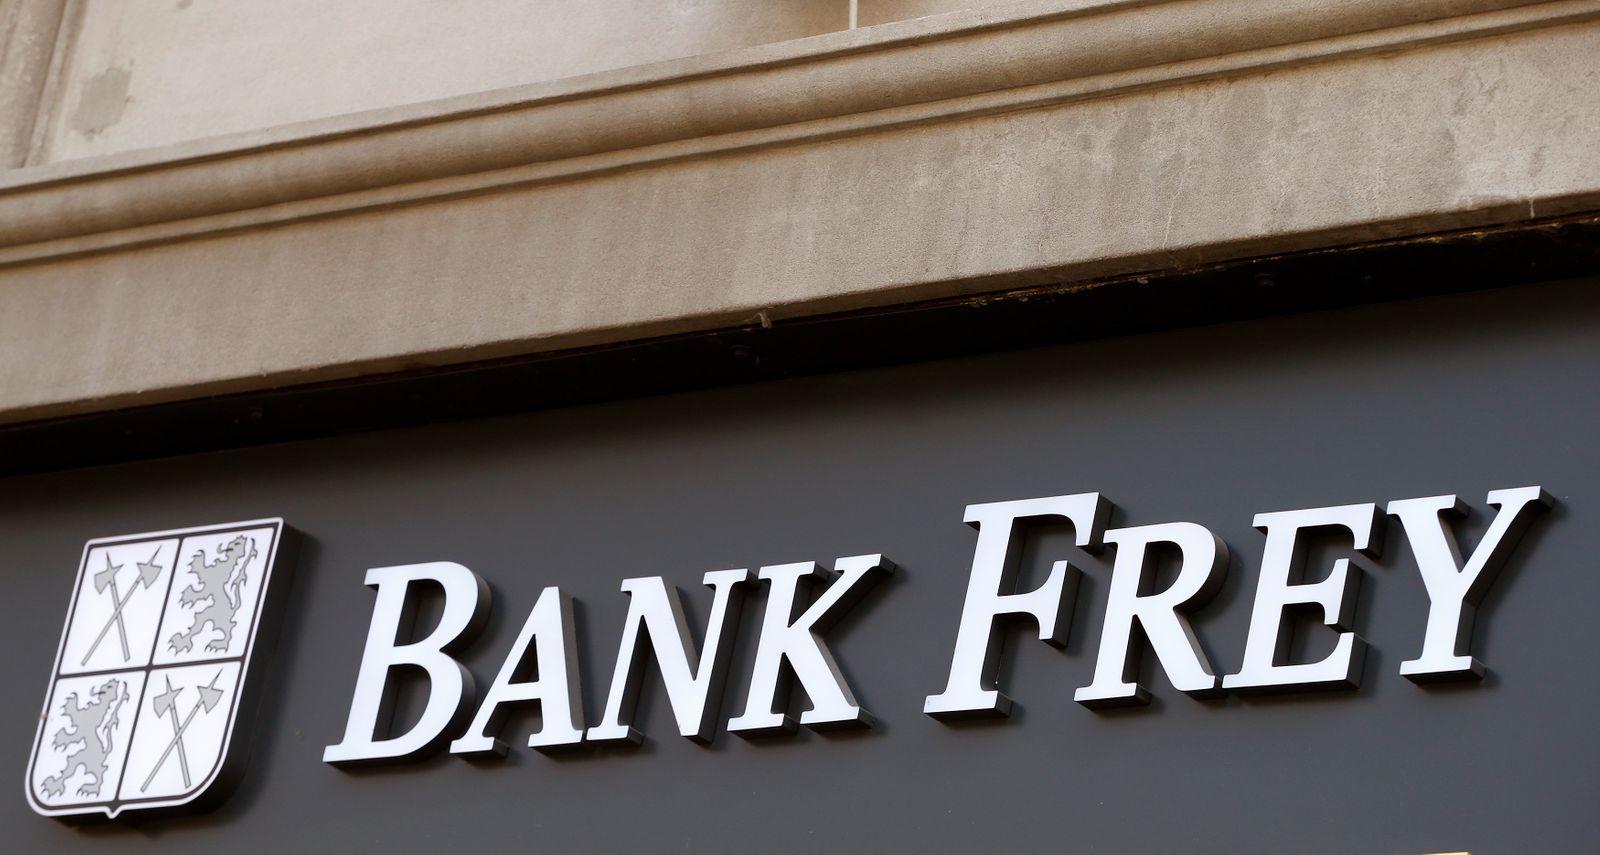 Schweizer Privatbank / Bank Frey